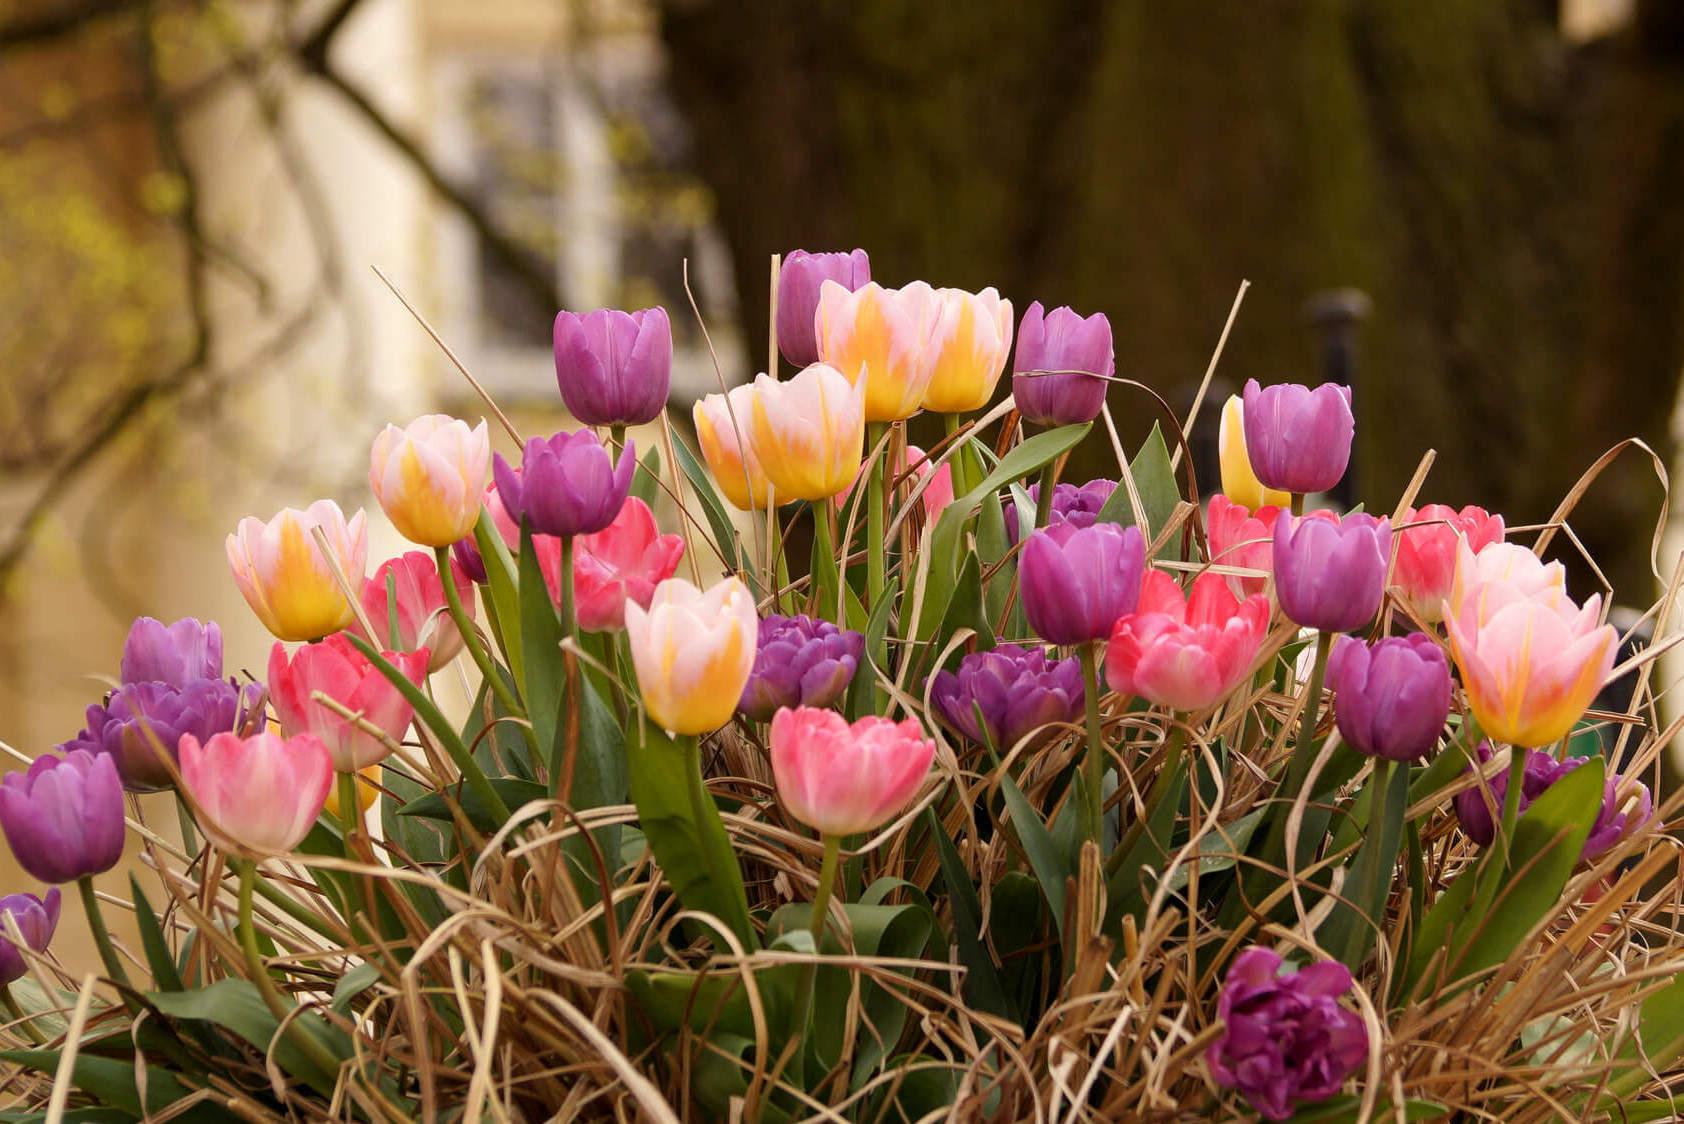 Tulipa x hybrida – tulipan mieszańcowy